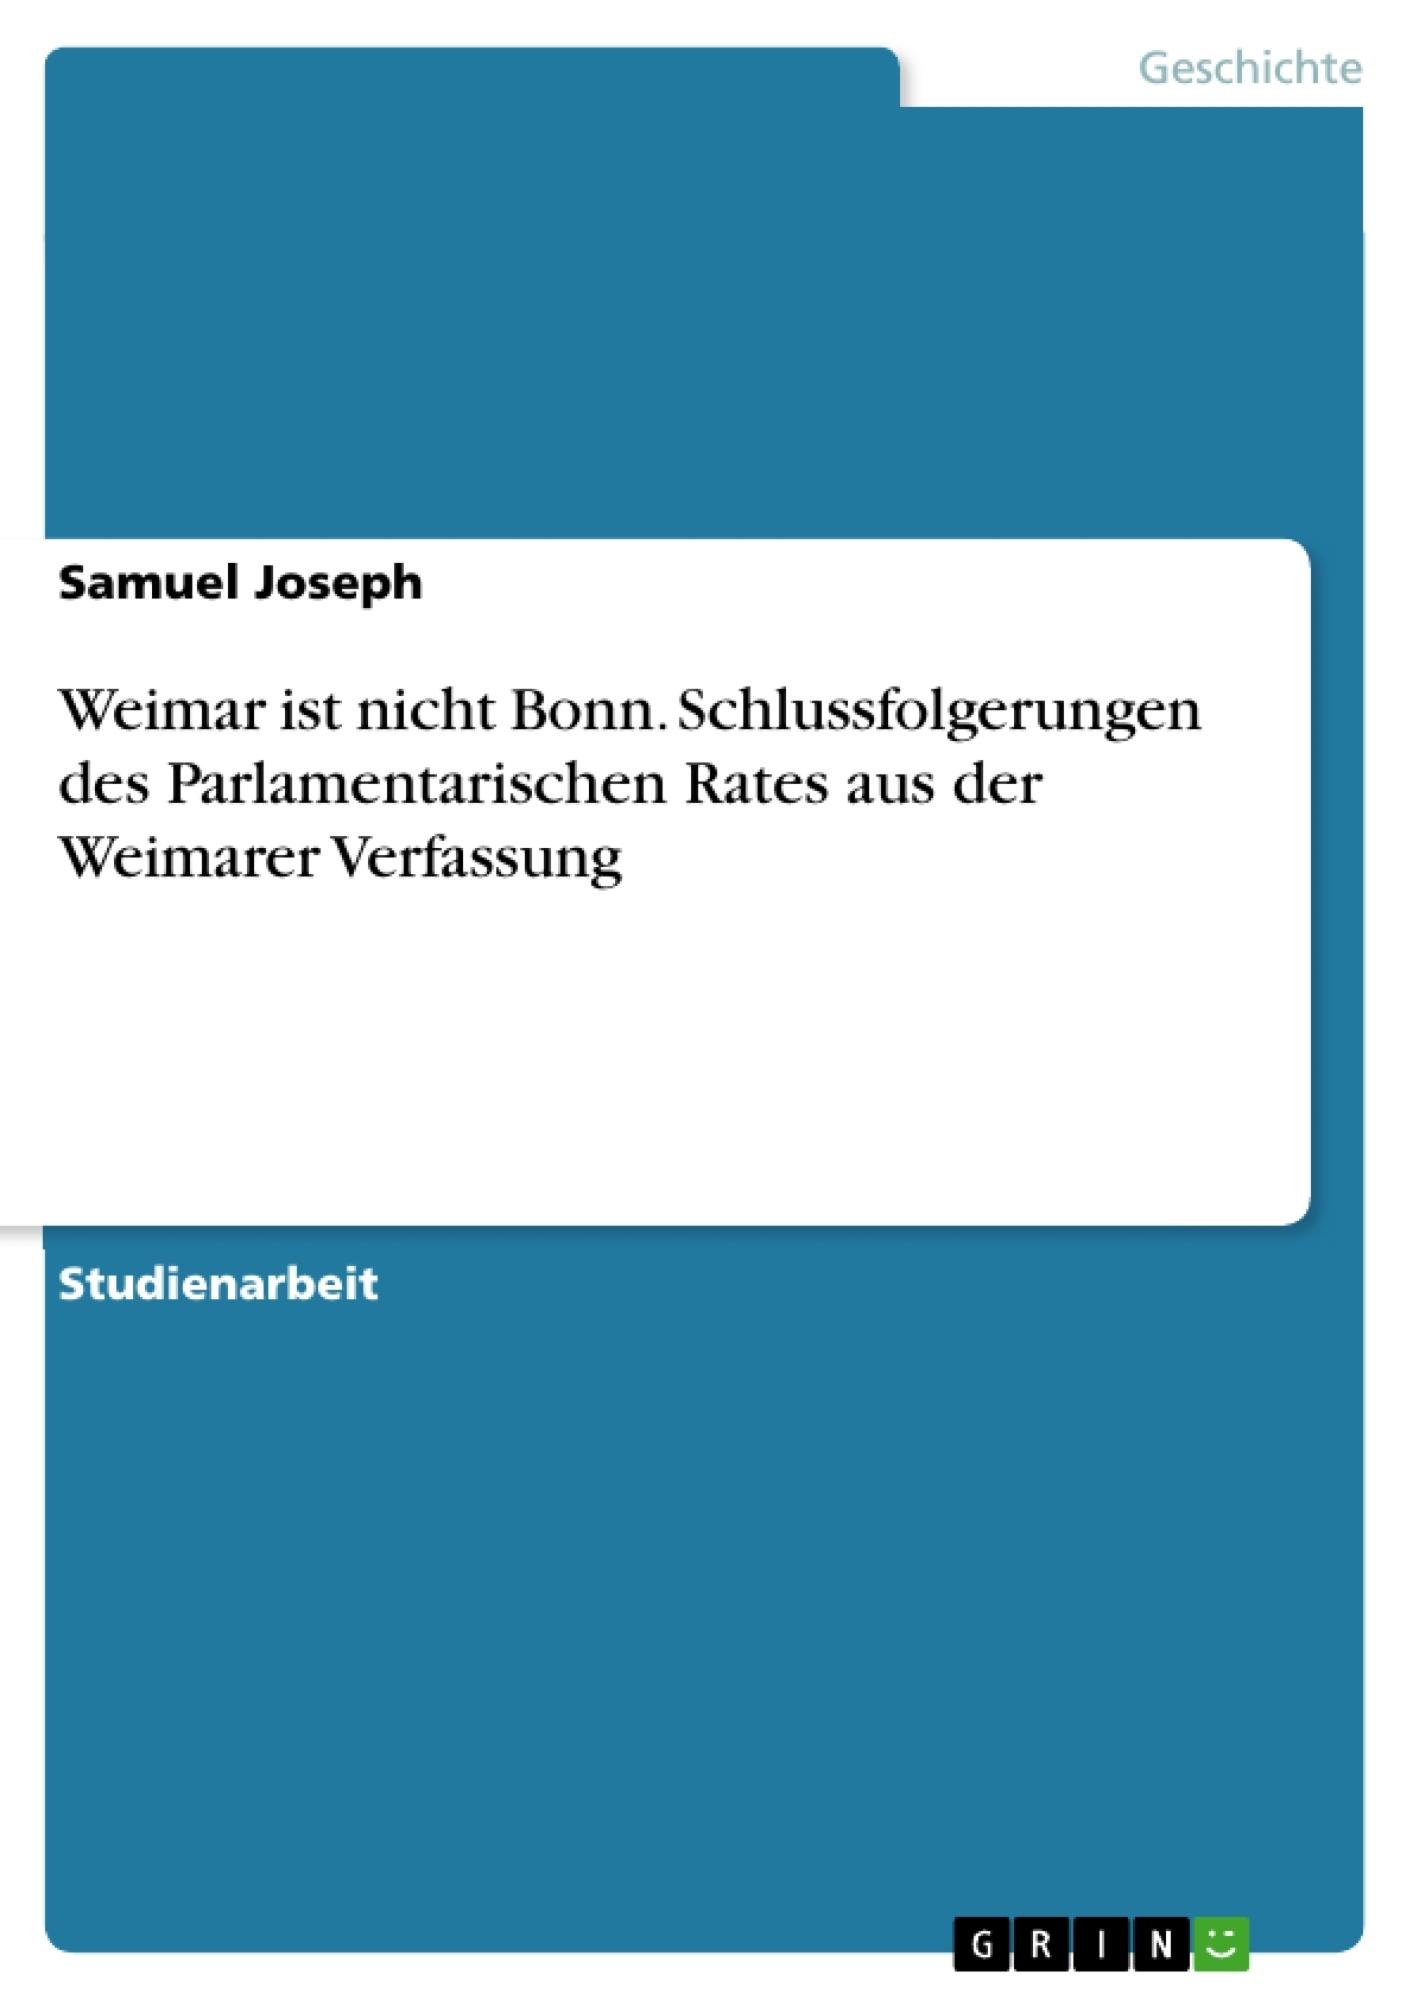 Titel: Weimar ist nicht Bonn. Schlussfolgerungen des Parlamentarischen Rates aus der Weimarer Verfassung